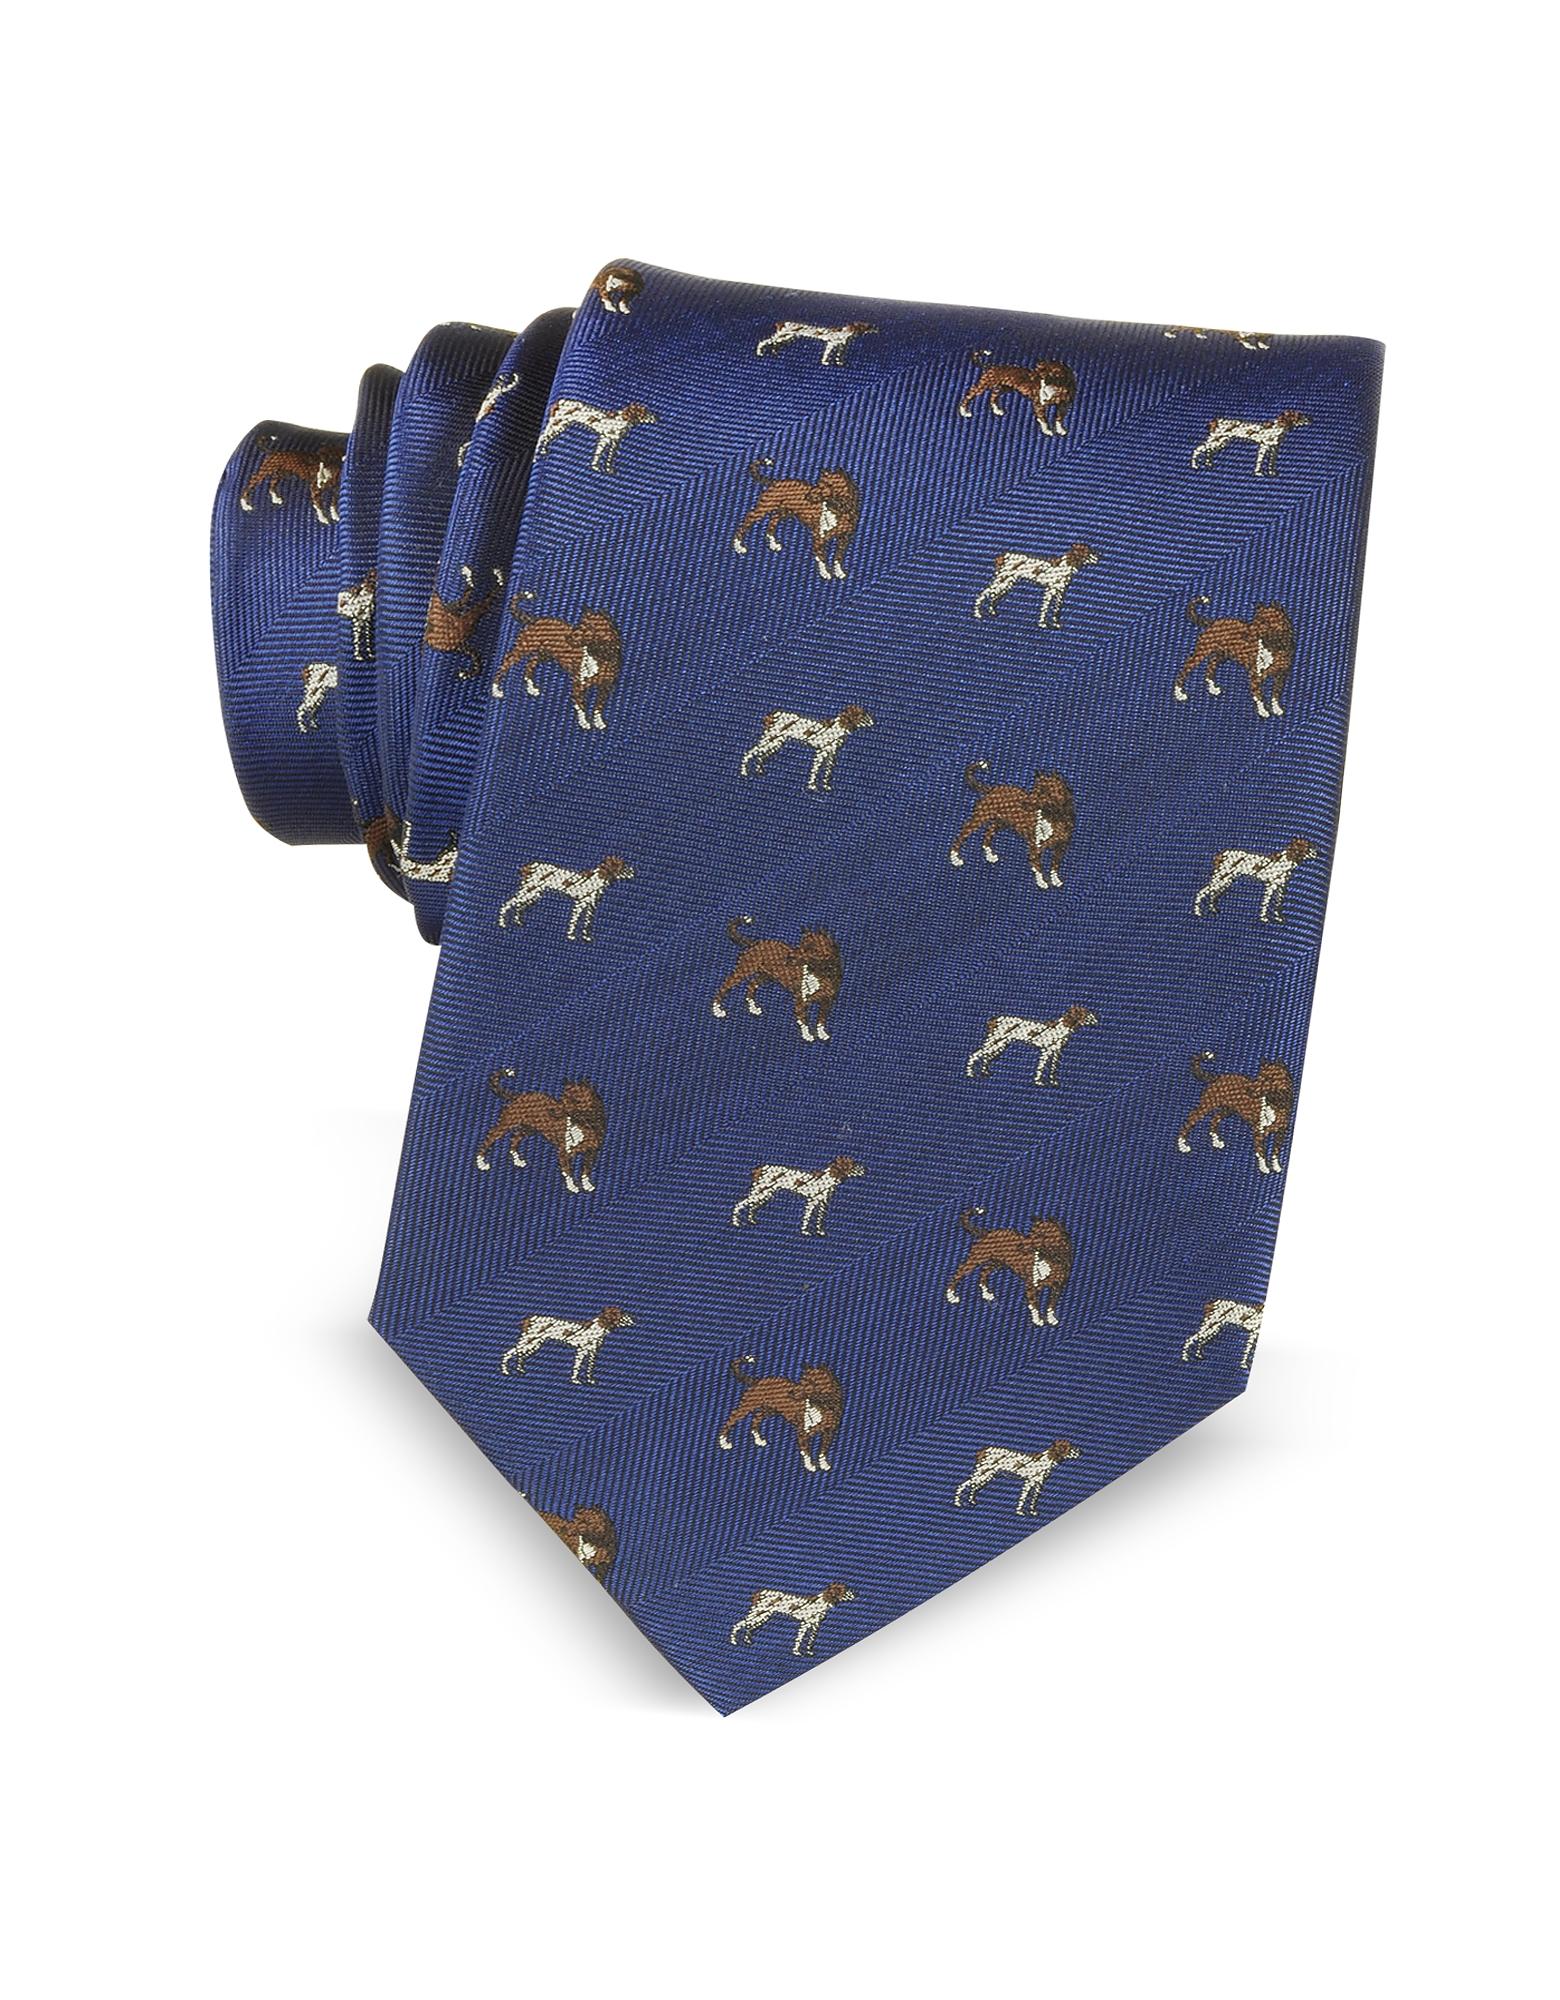 Cravate en Soie Tissée Bleue à Motif Chiens